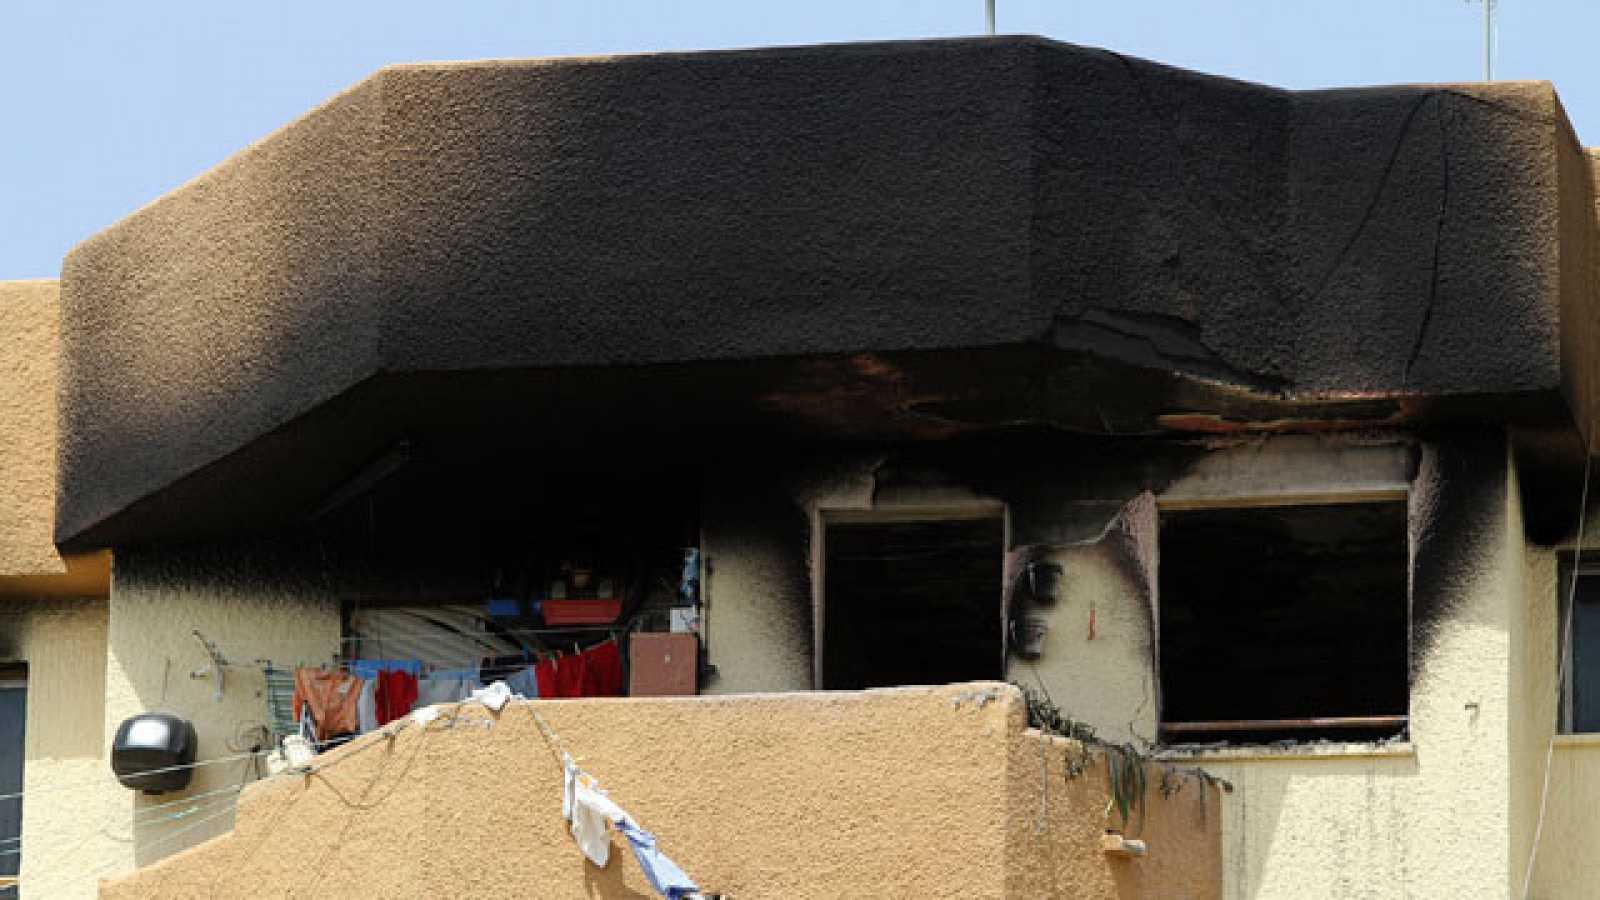 Mueren tres miembros de una familia en un incendio en Vélez-Málaga